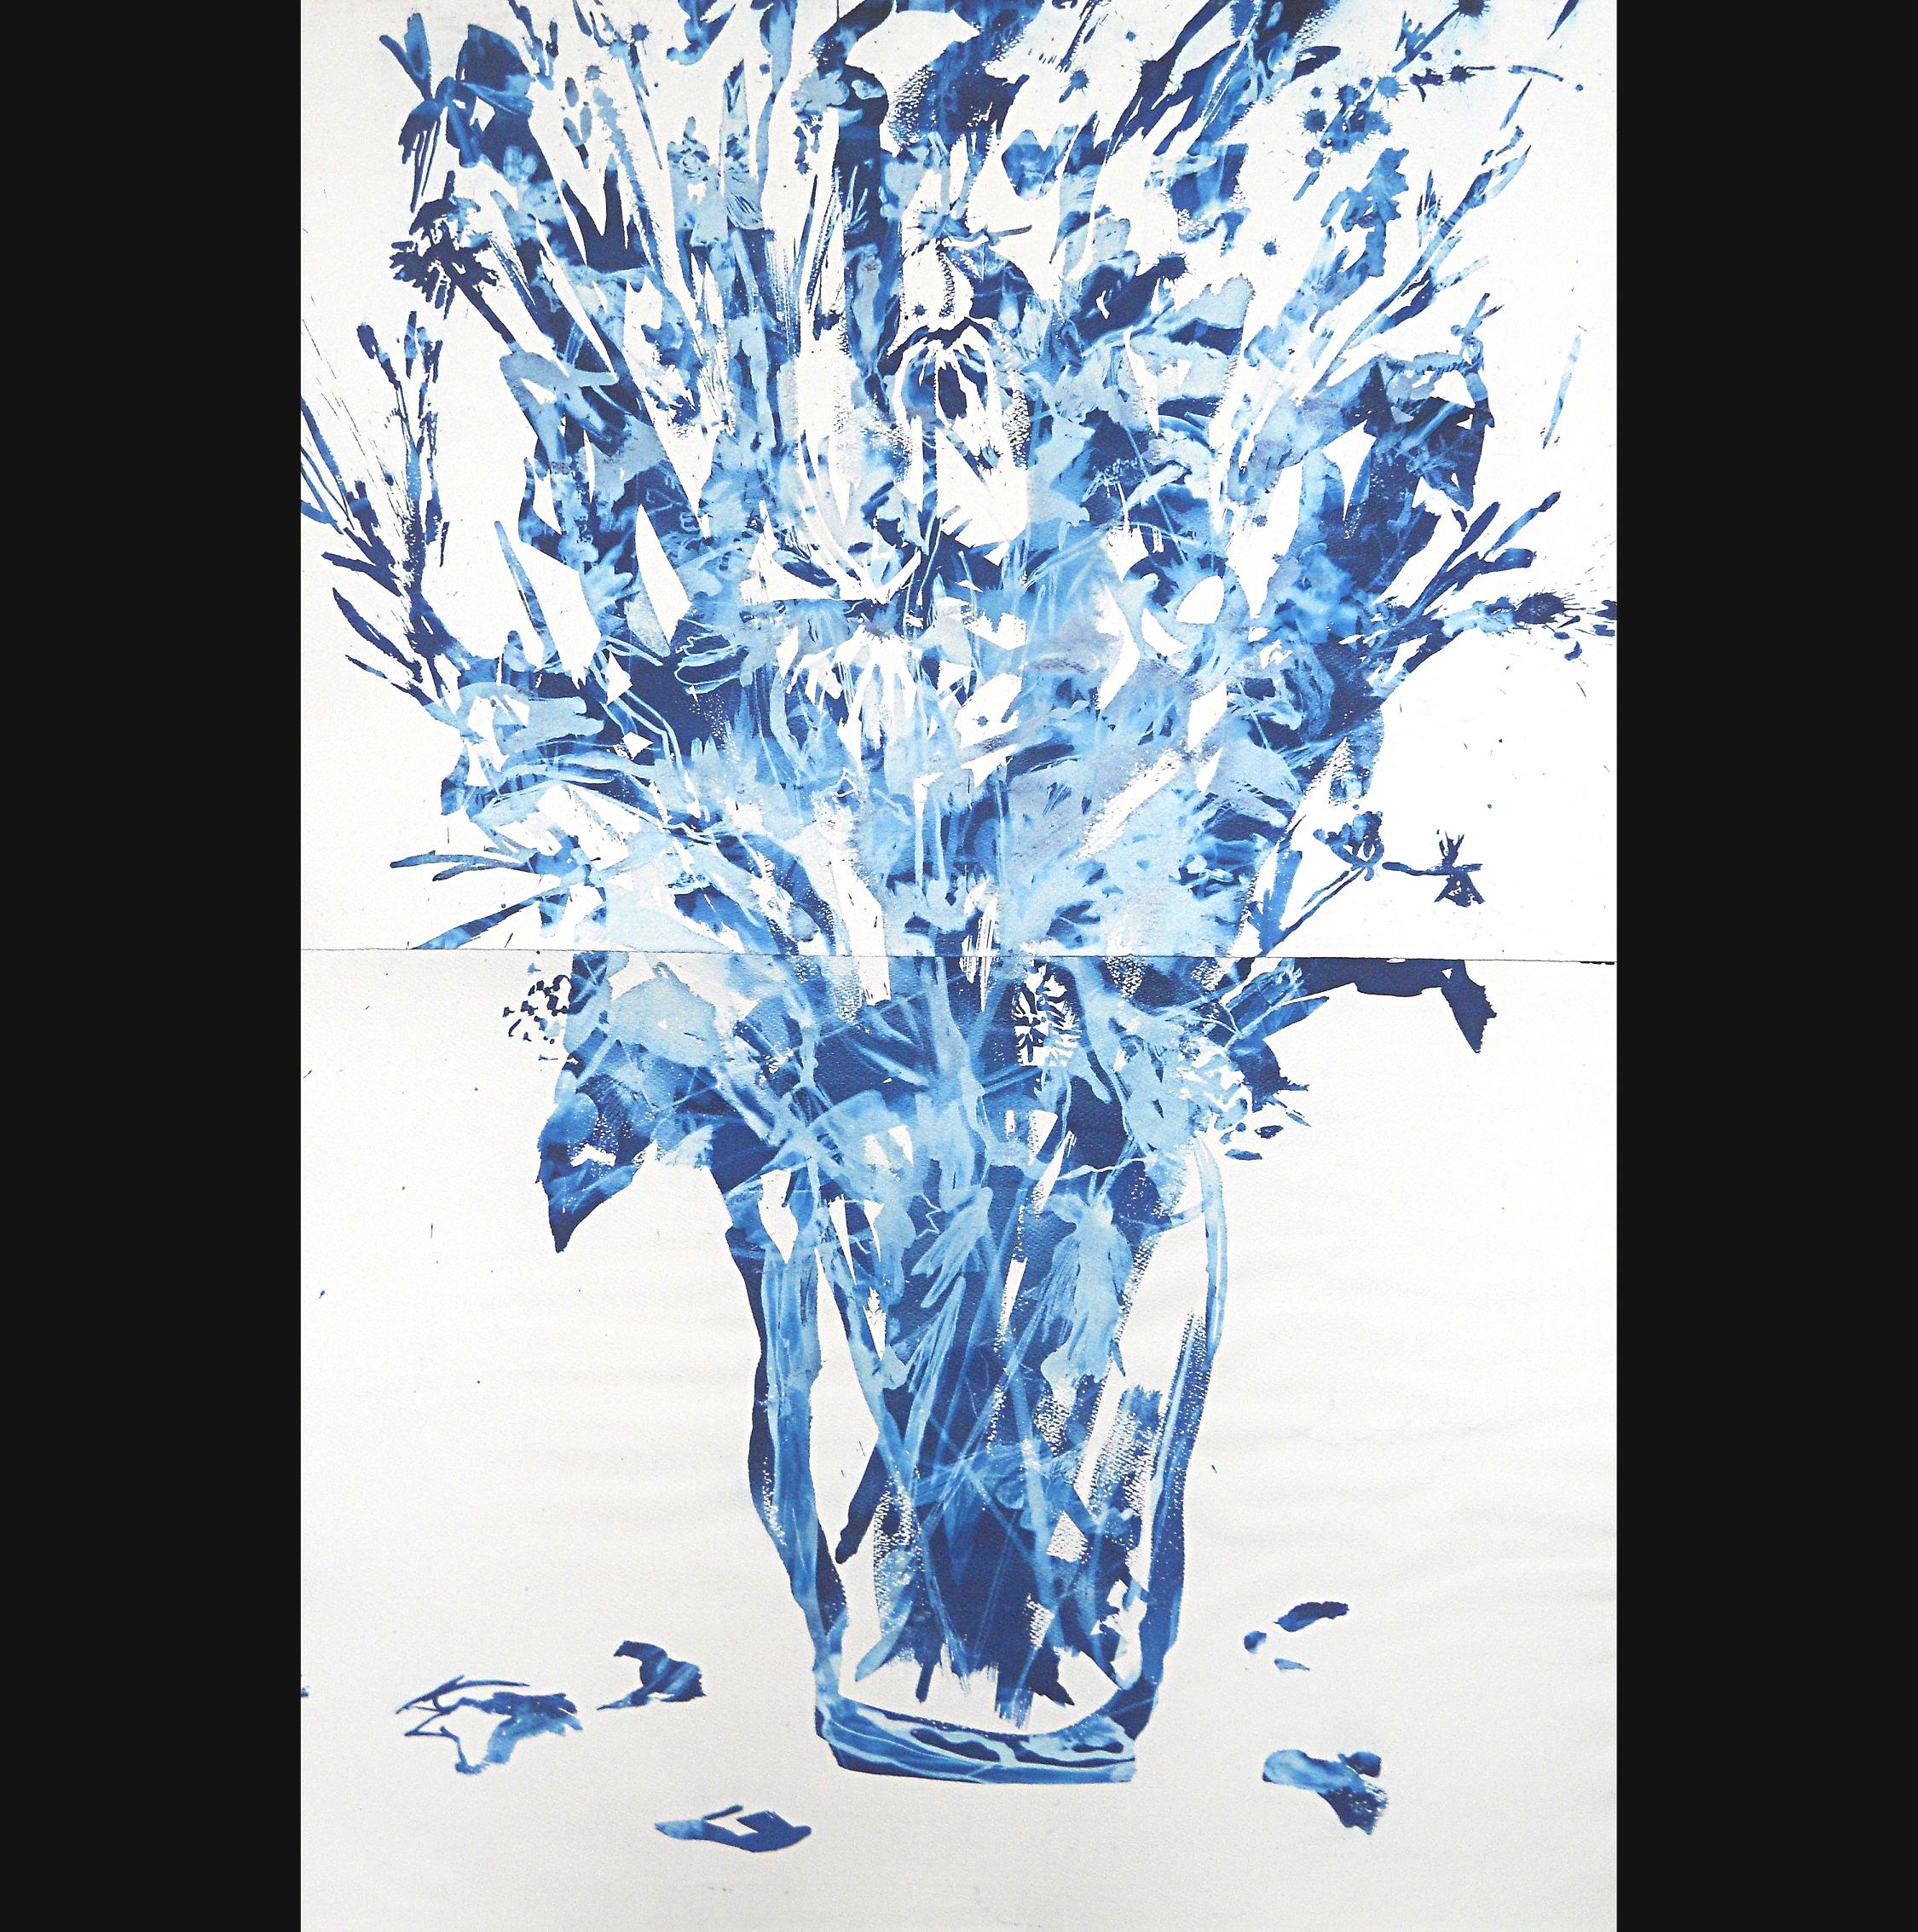 Still Life #5, 2012, cyanotype